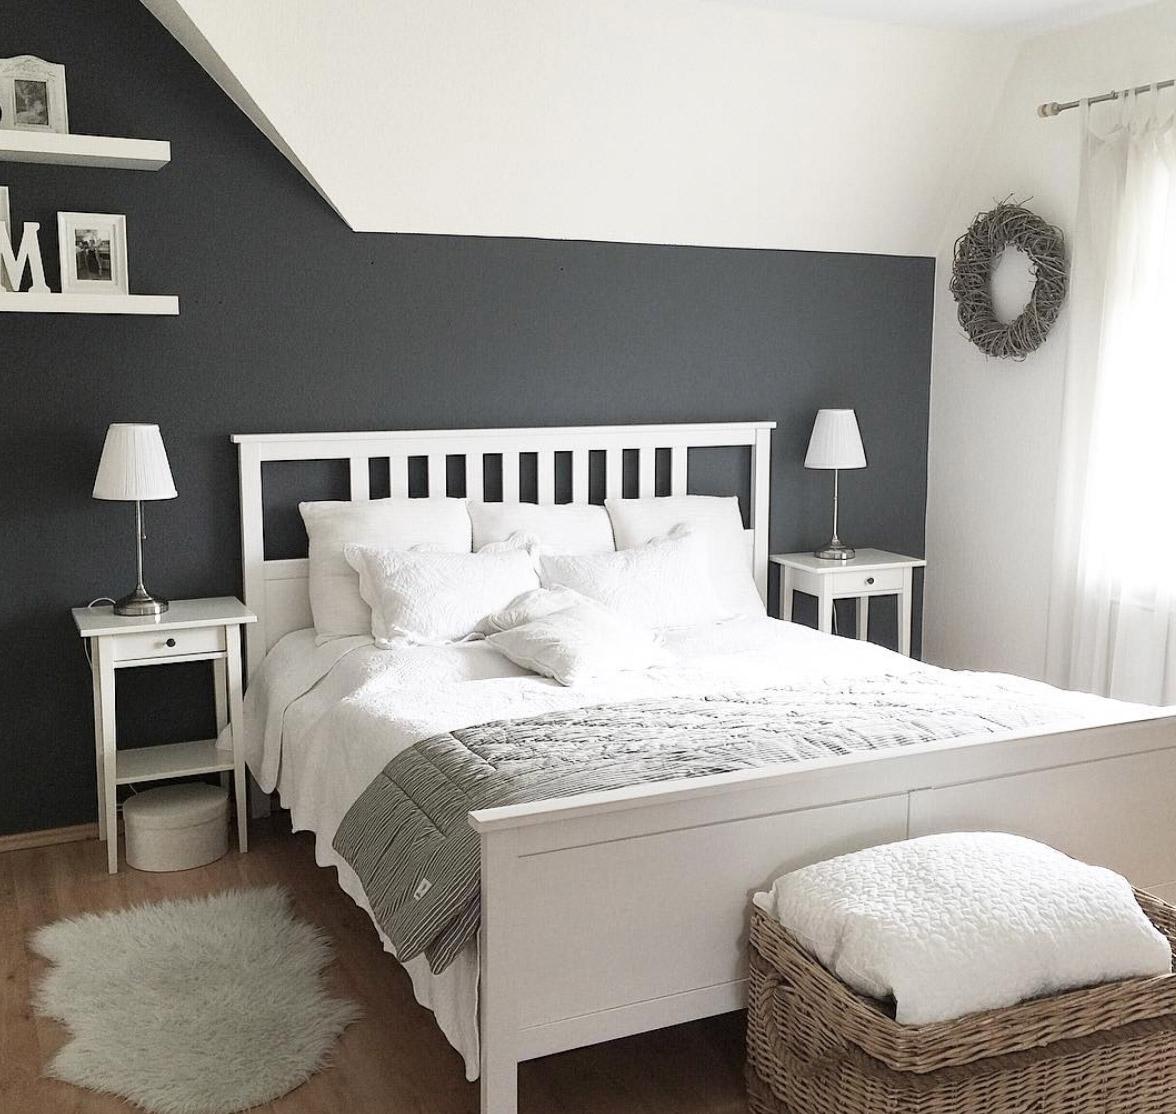 Schne Ideen frs Schlafzimmer Schlafzimmerkonfetti  Wohnkonfetti